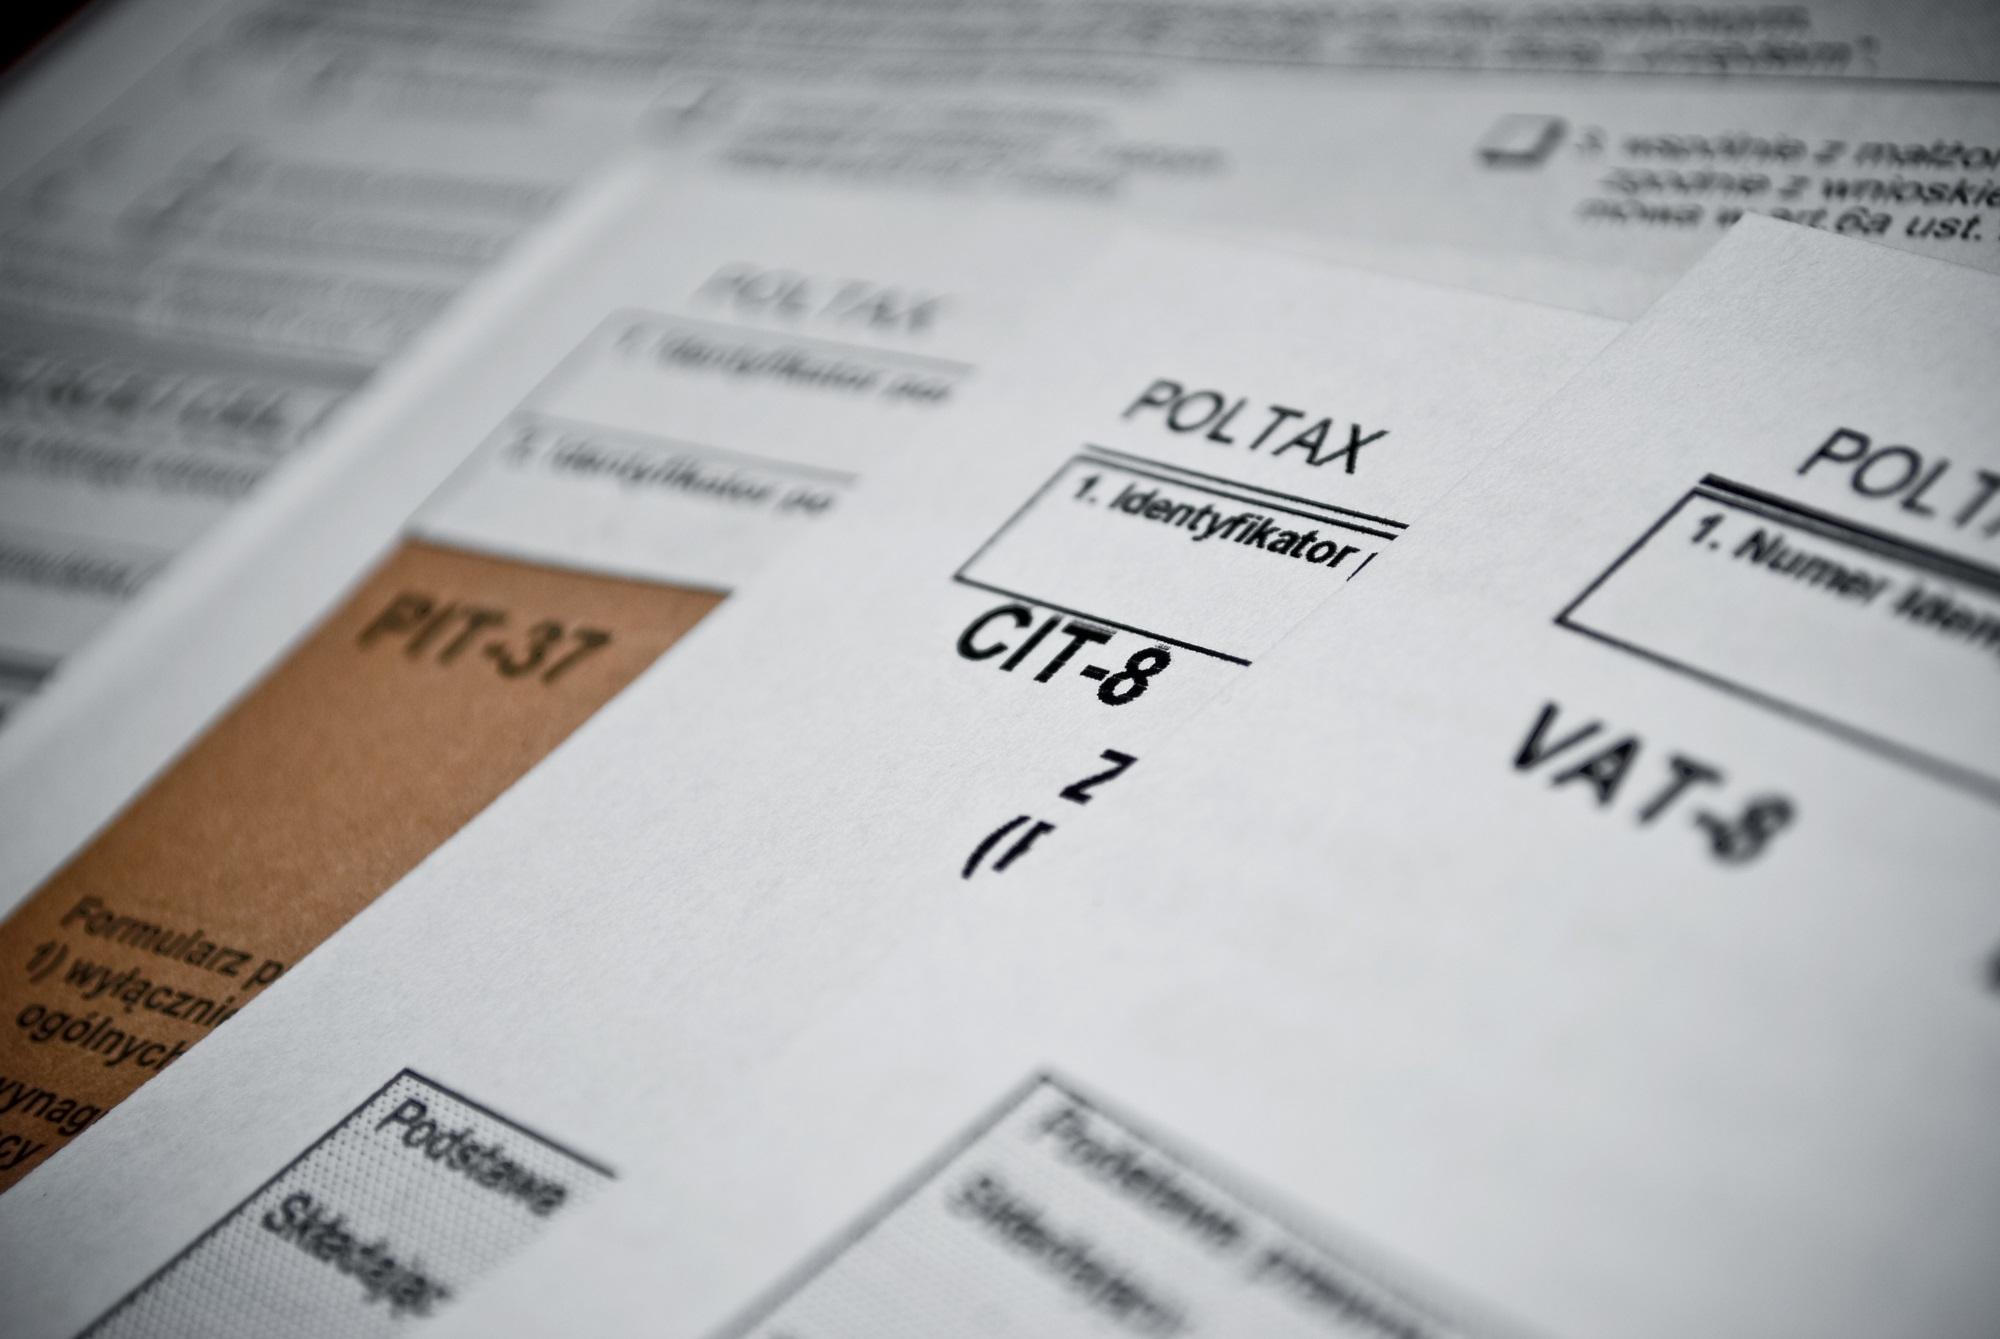 Ulga podatkowa IP Box dotyczy podatników prowadzących działalność badawczo-rozwojową.  (fot. archiwum)